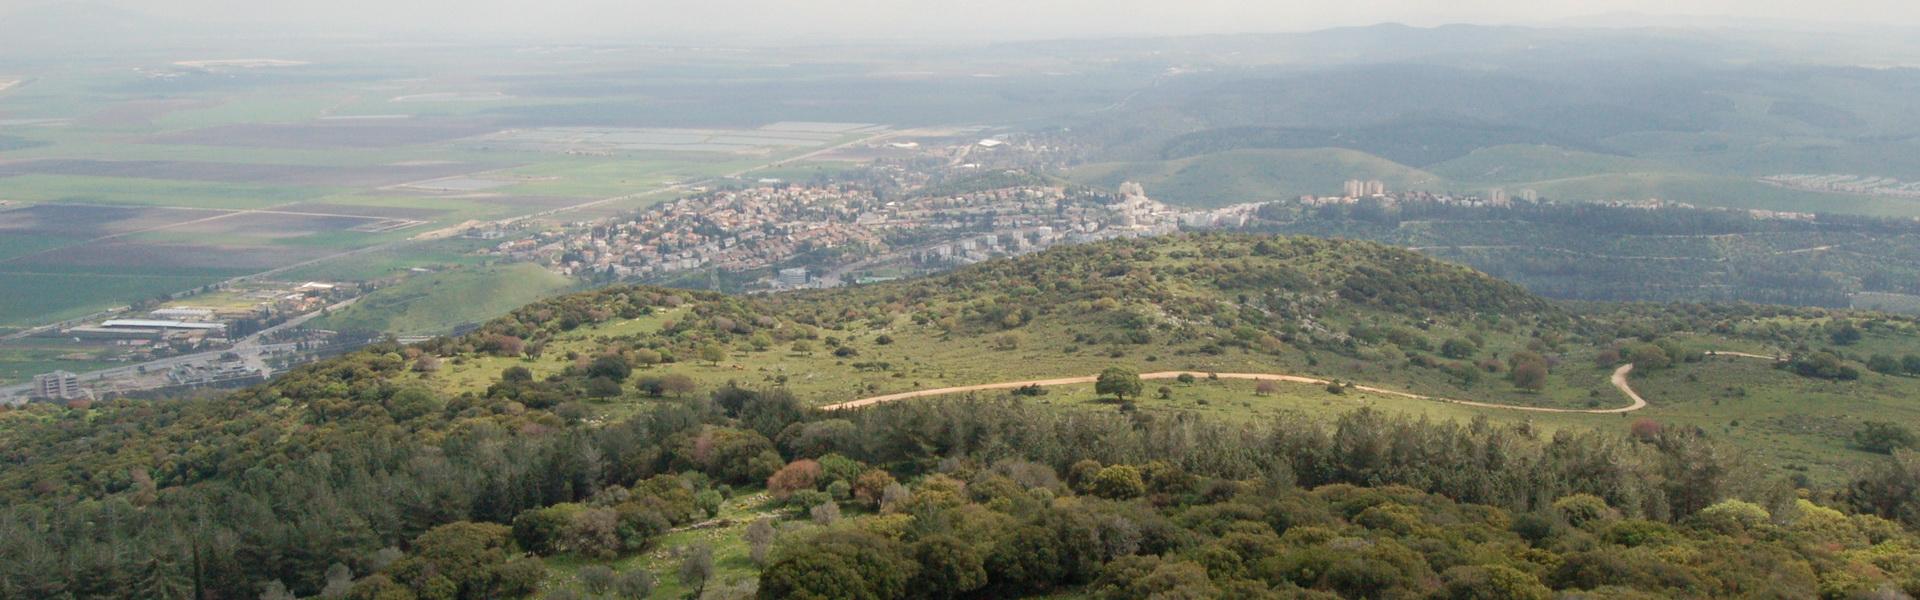 Wzgórza Karmelu